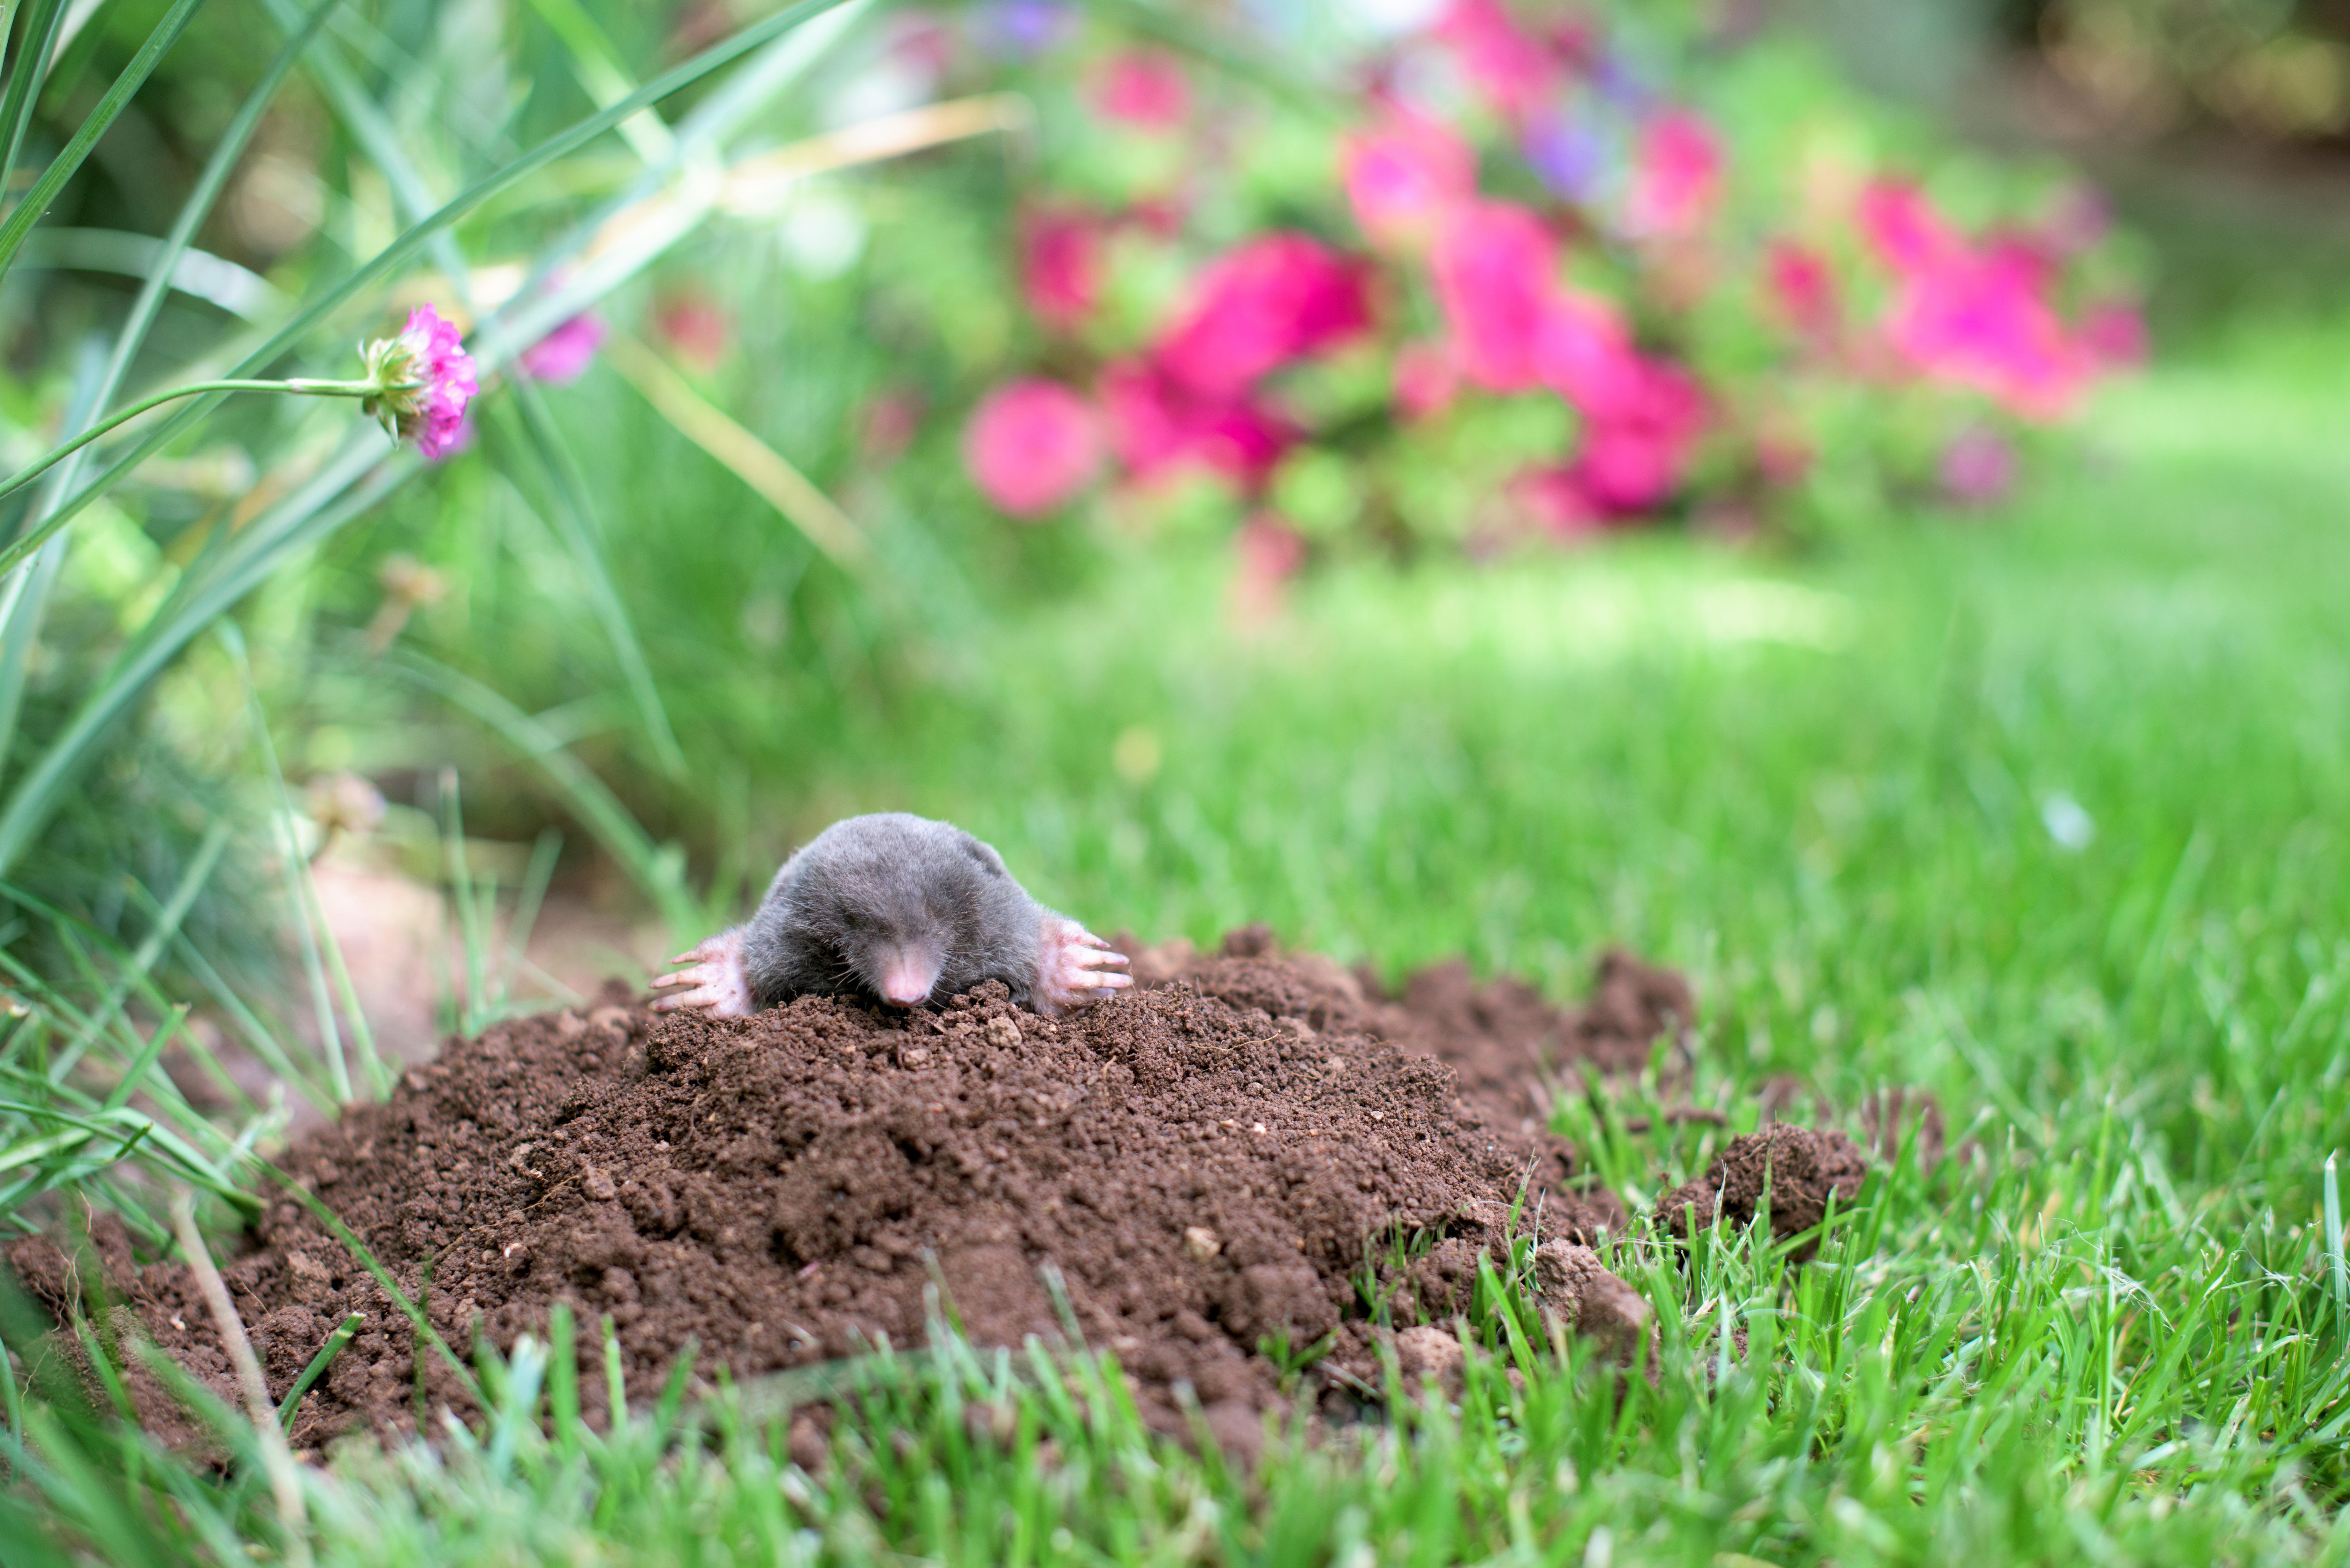 How do I get ride of moles and grubs?